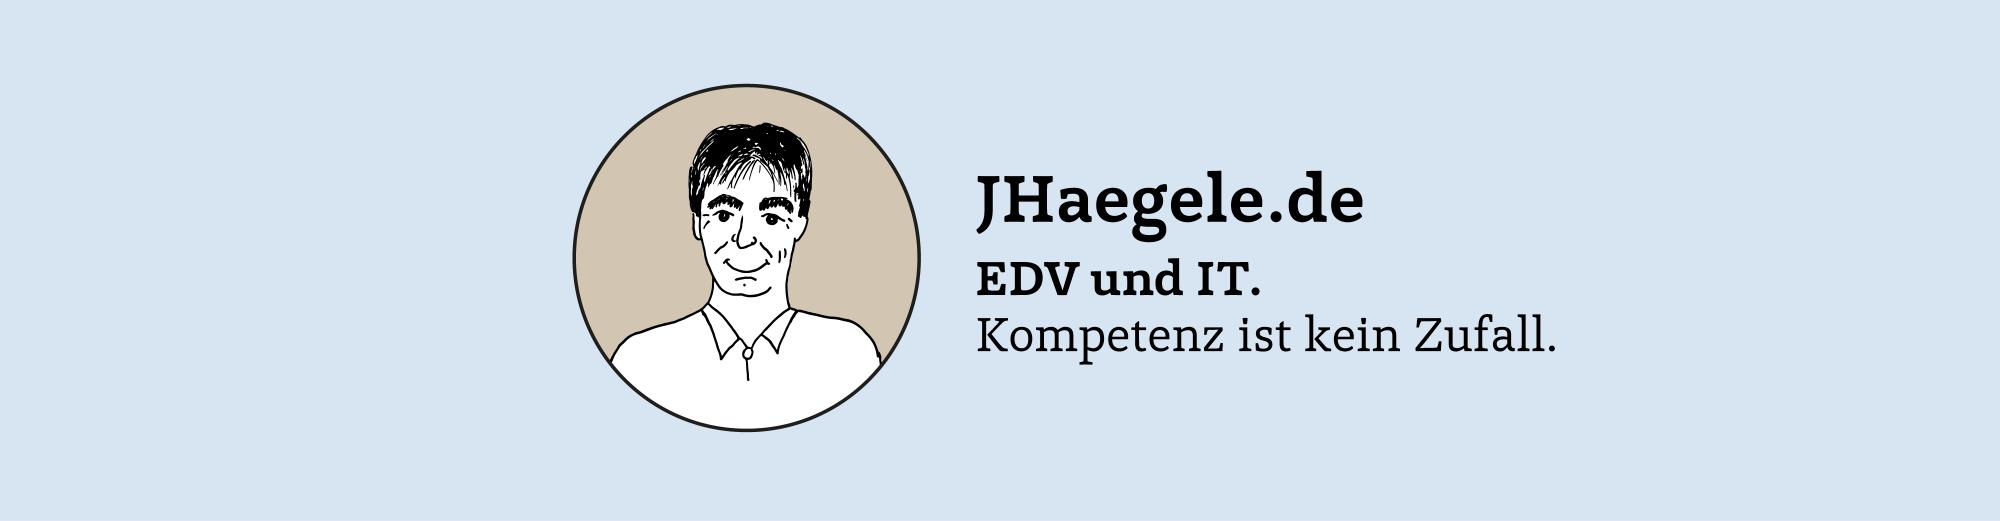 EDV und IT – Kompetenz ist kein Zufall